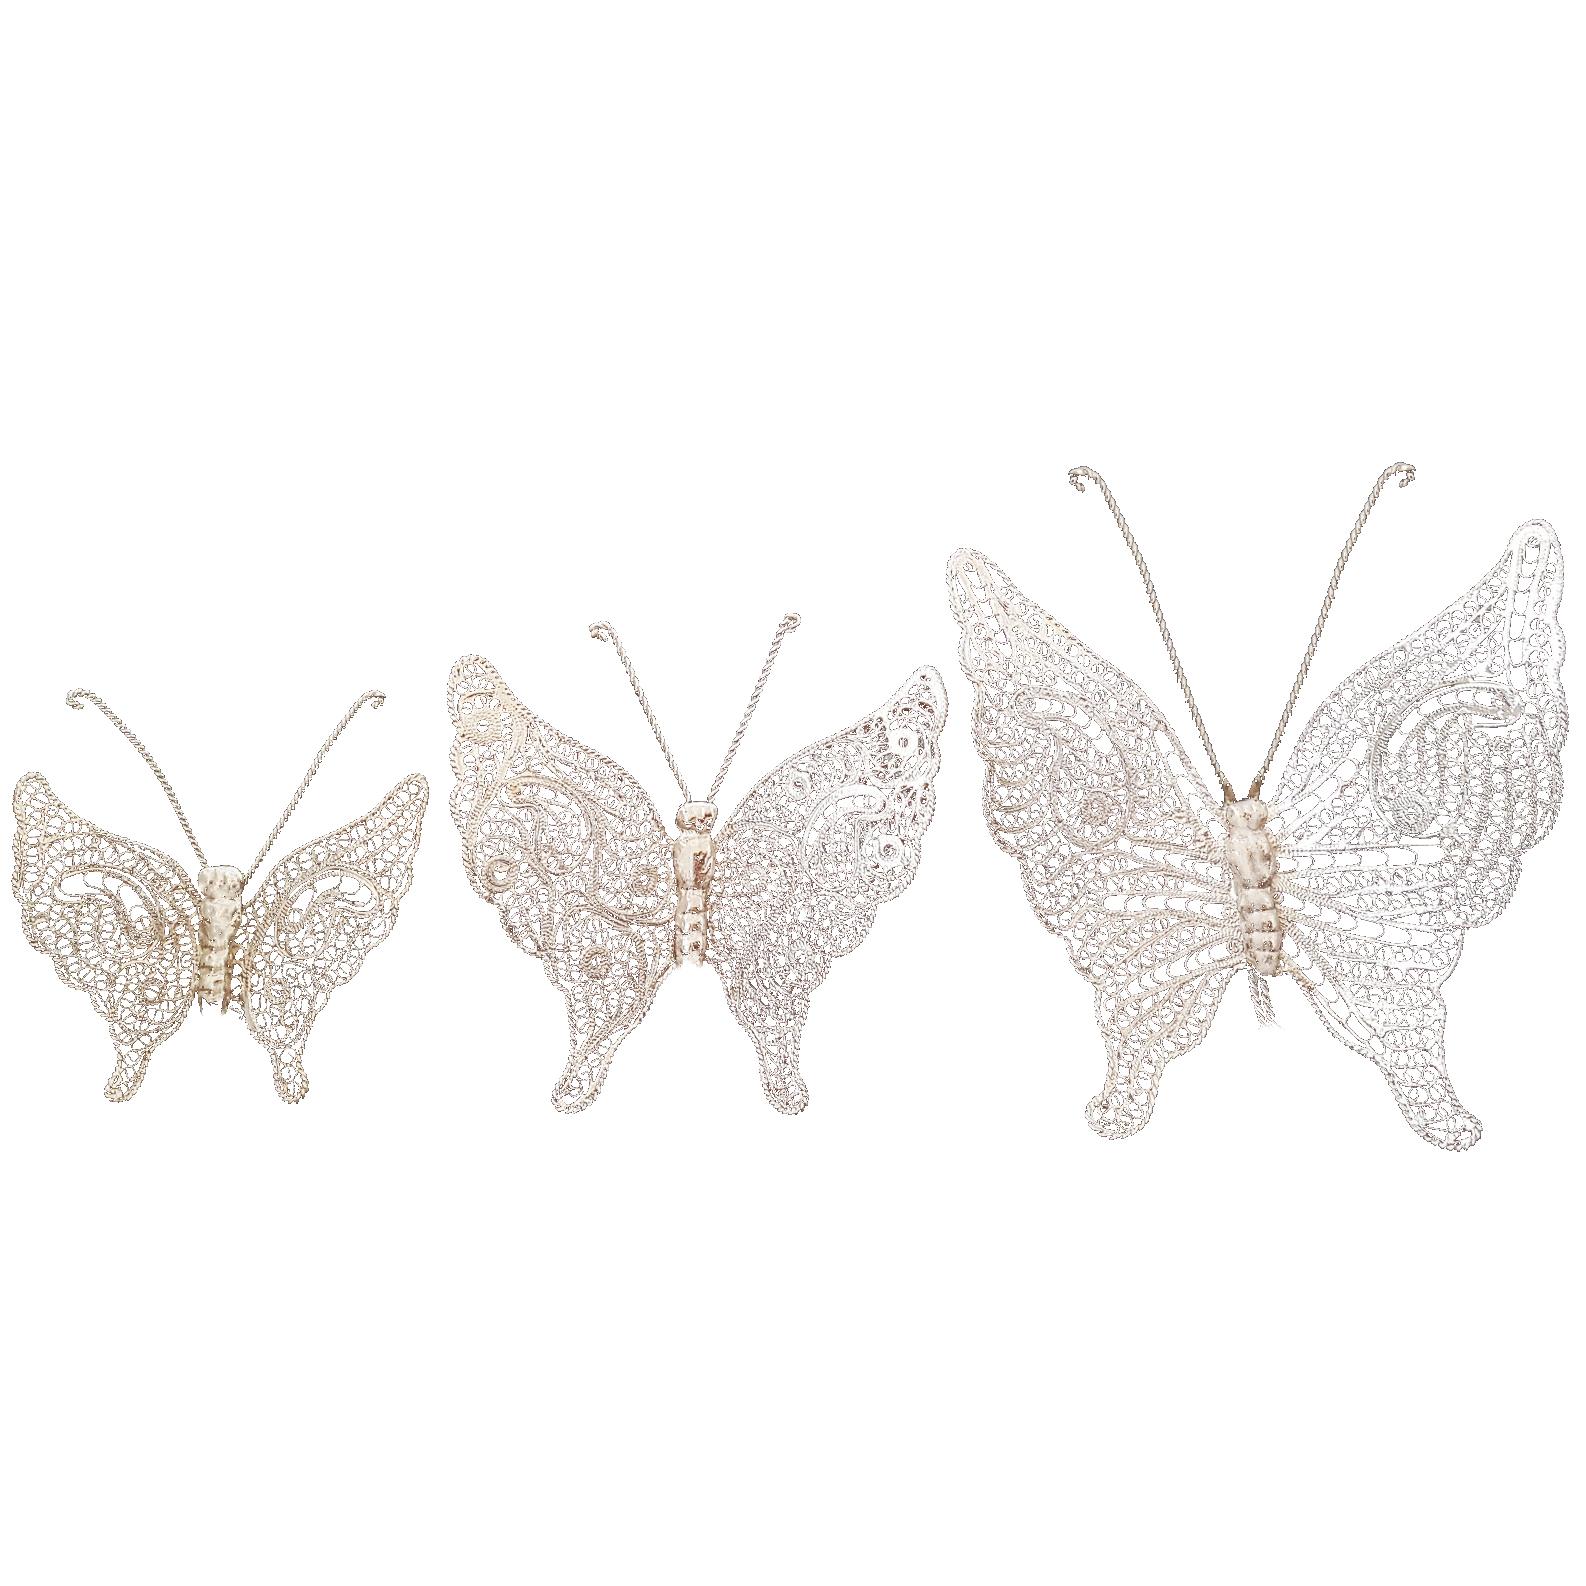 پروانه ملیله کاری هنرلوکس کد m3 مجموعه 3 عددی